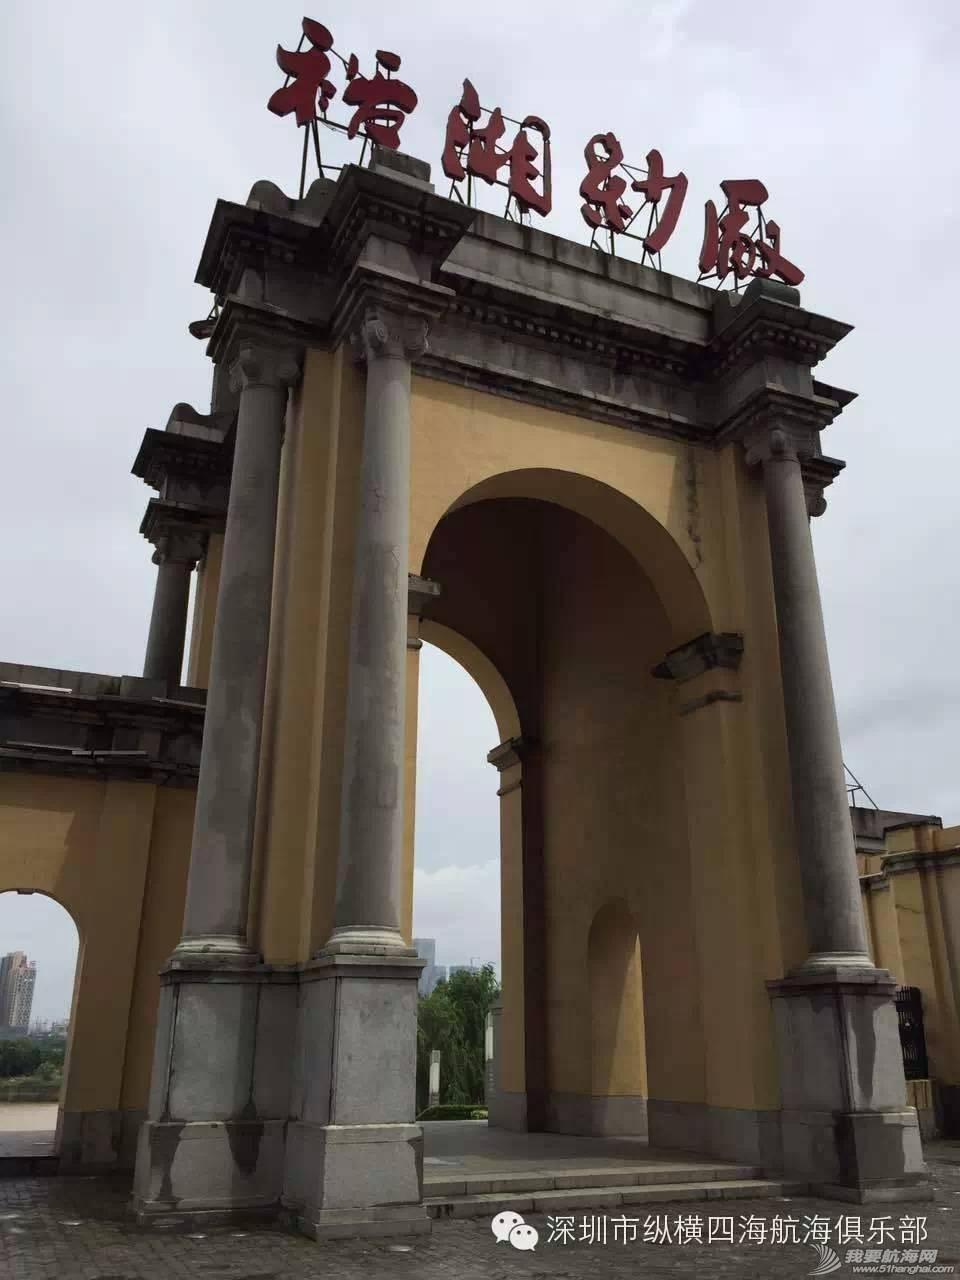 """湘江上百舸争流!相约""""中国第一洲""""-橘子洲 bffc496e9d729298c723ac680ec72c92.jpg"""